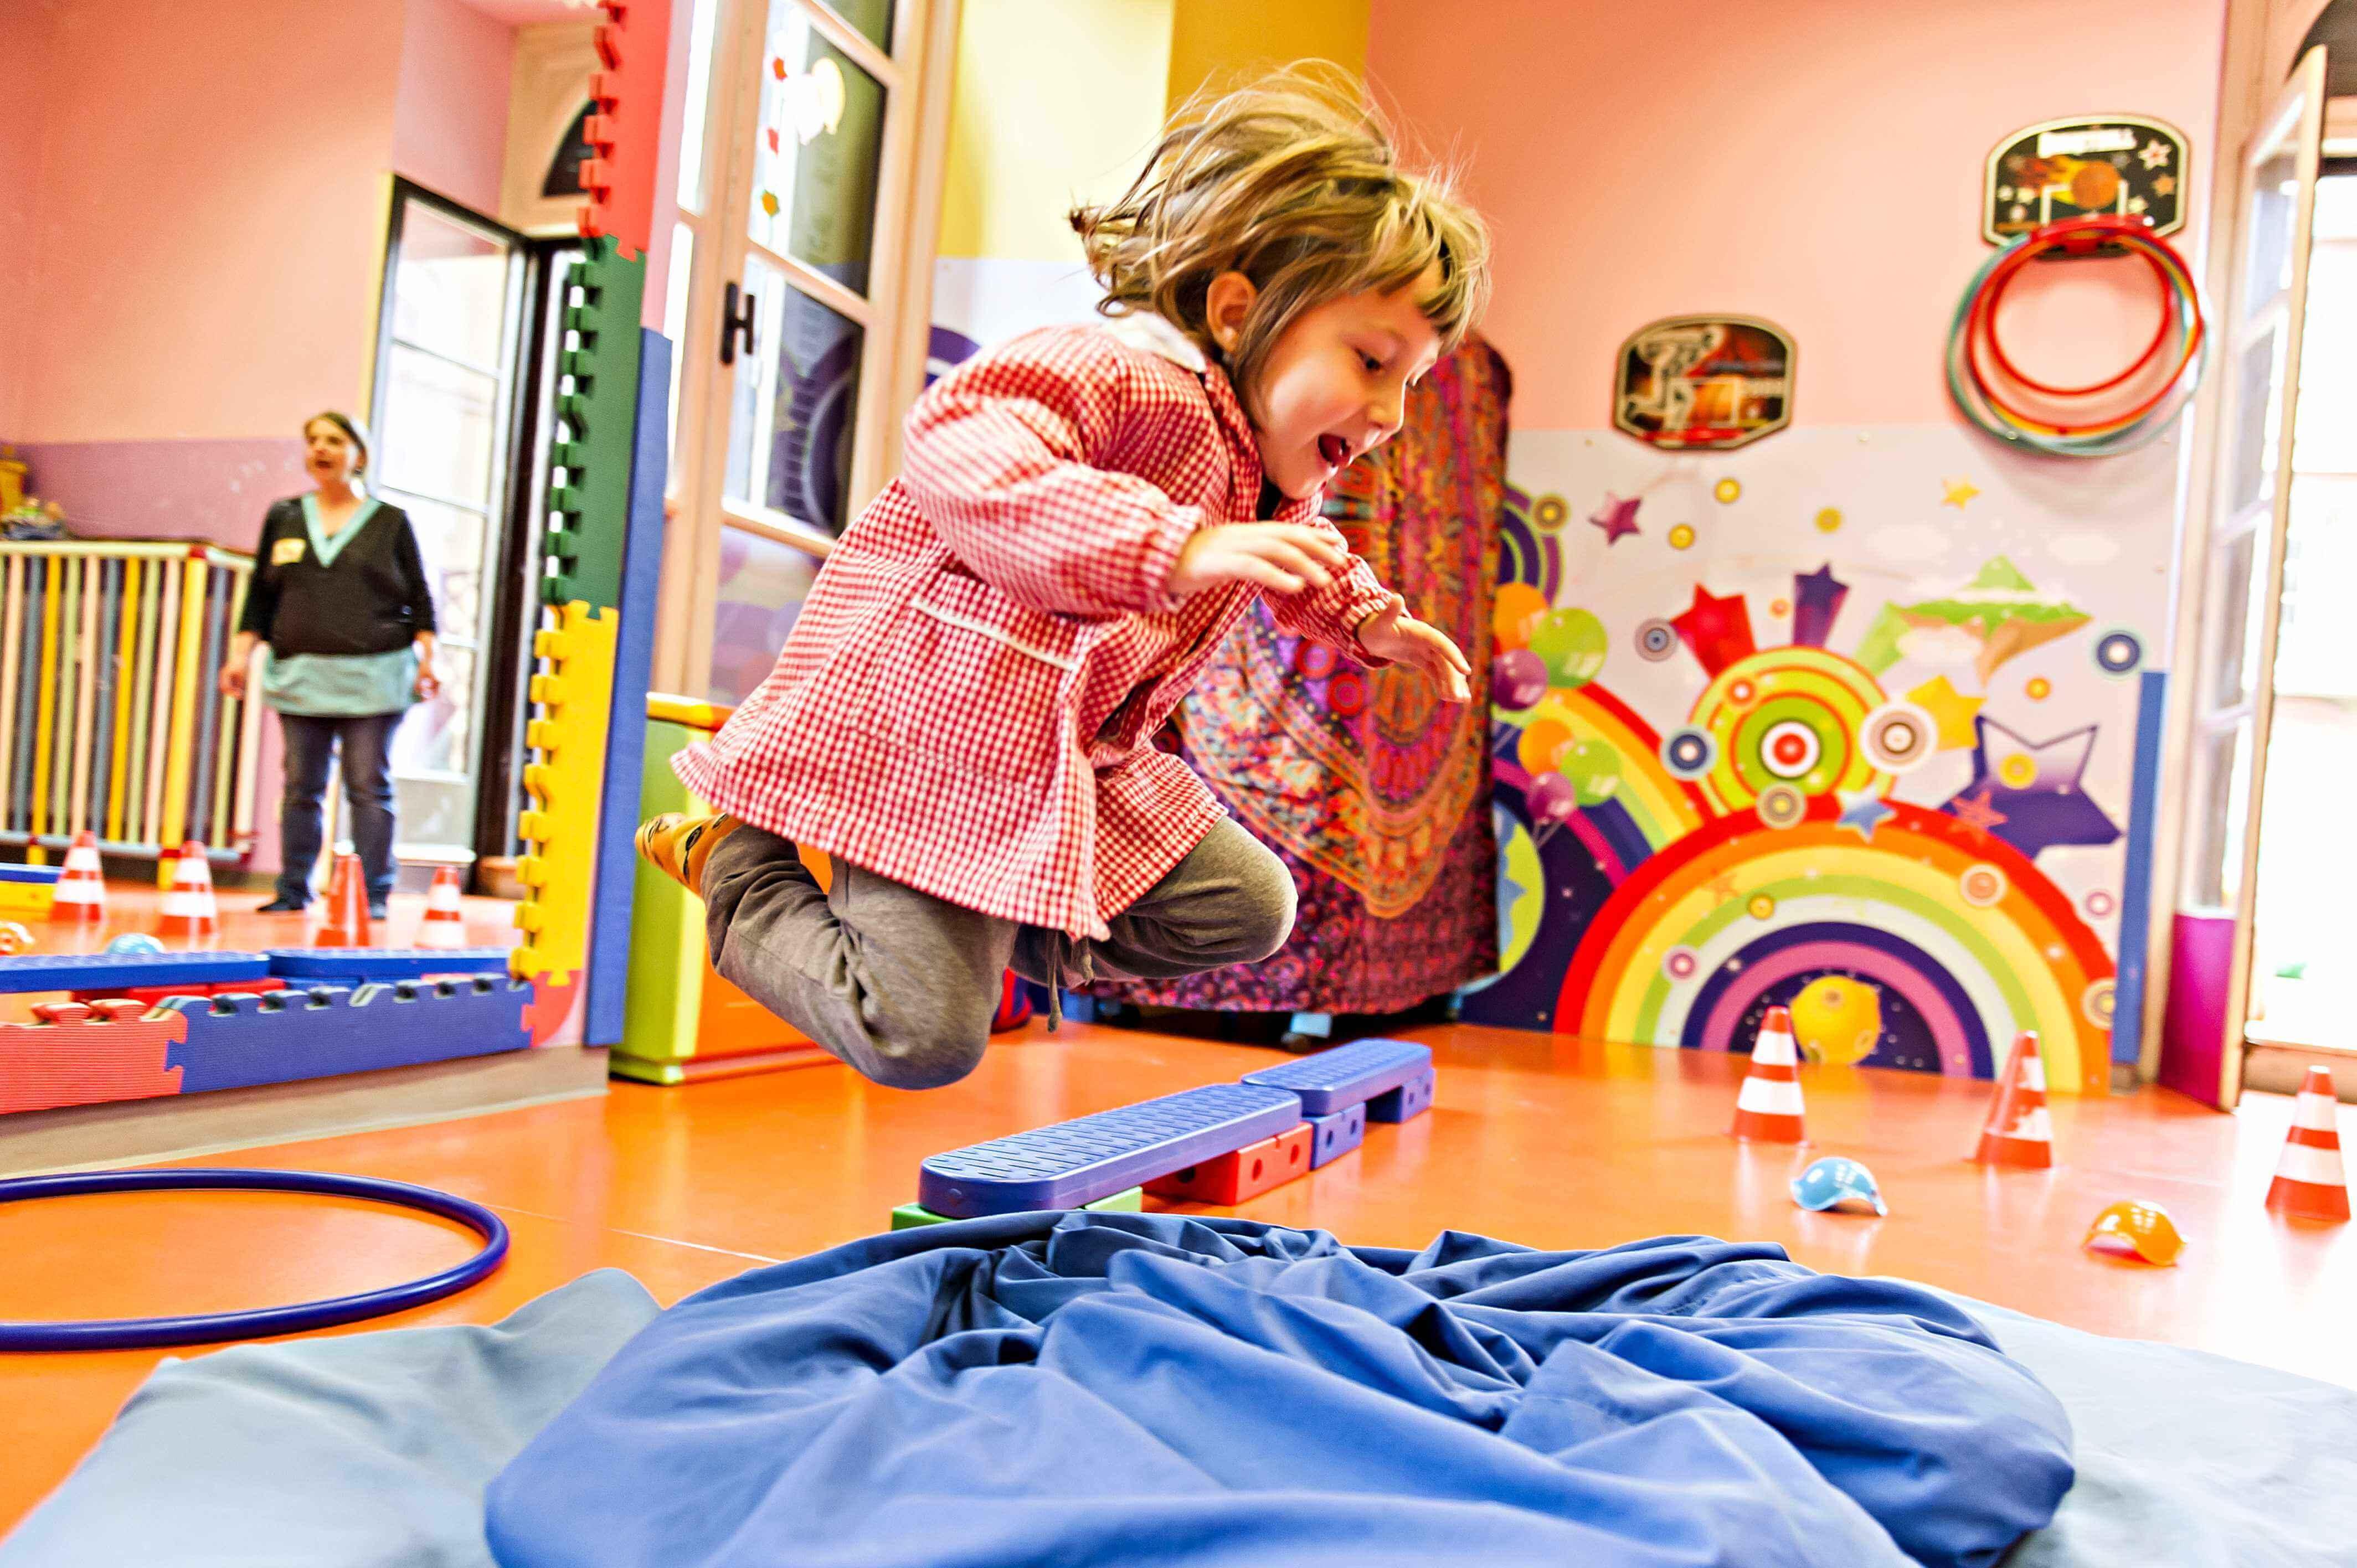 Psicomotricità E Motricità Per Bambini Ambarabimbi Scuola Dell